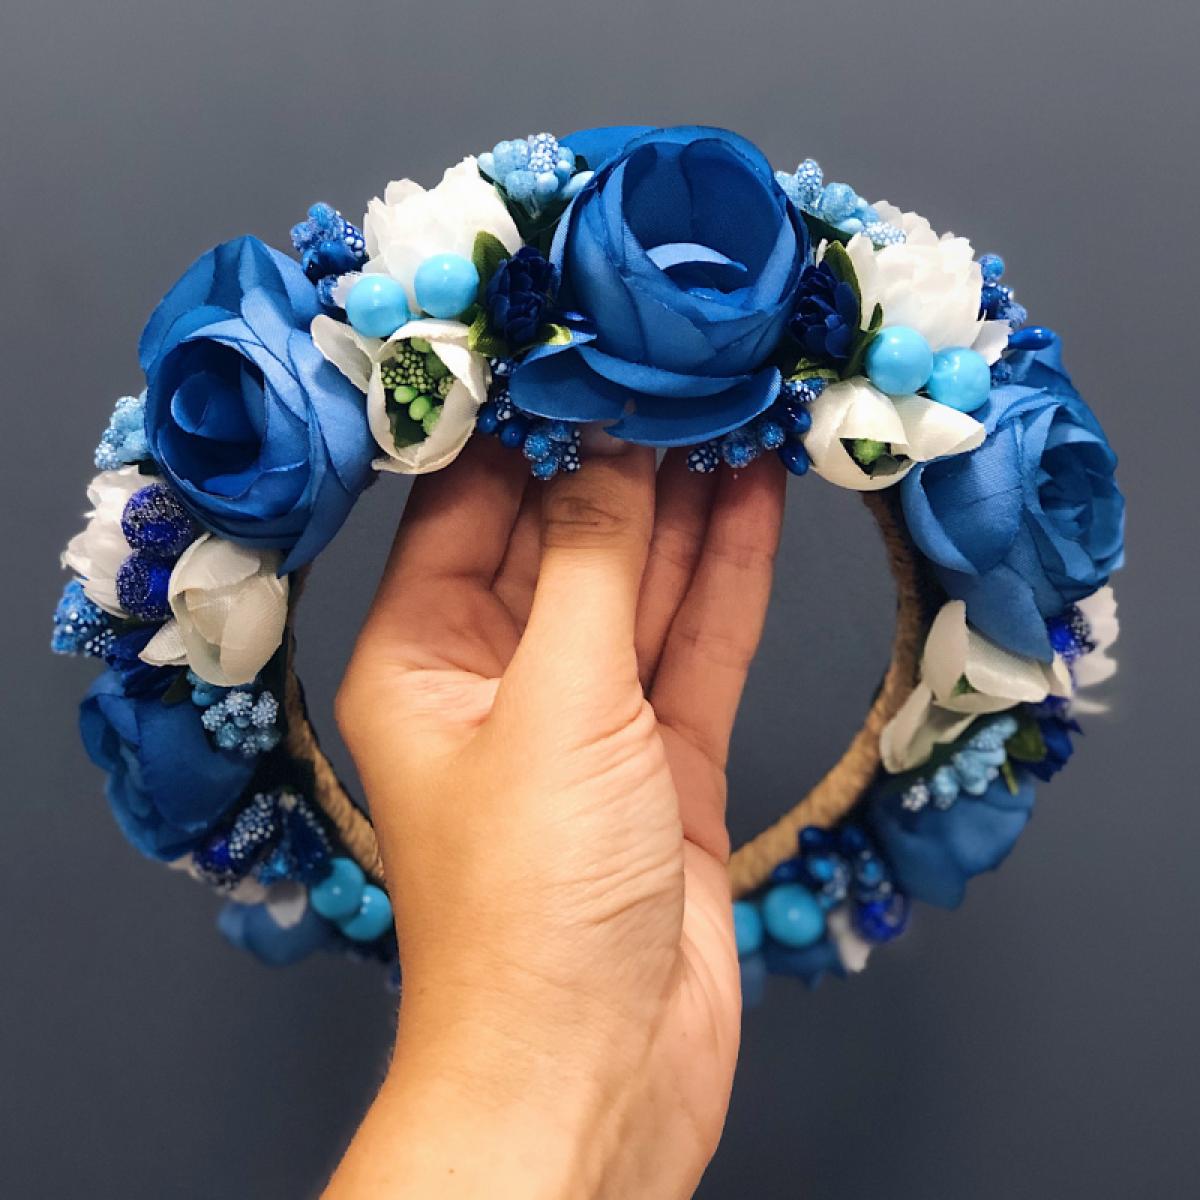 Веночек на голову с голубыми и белыми цветами